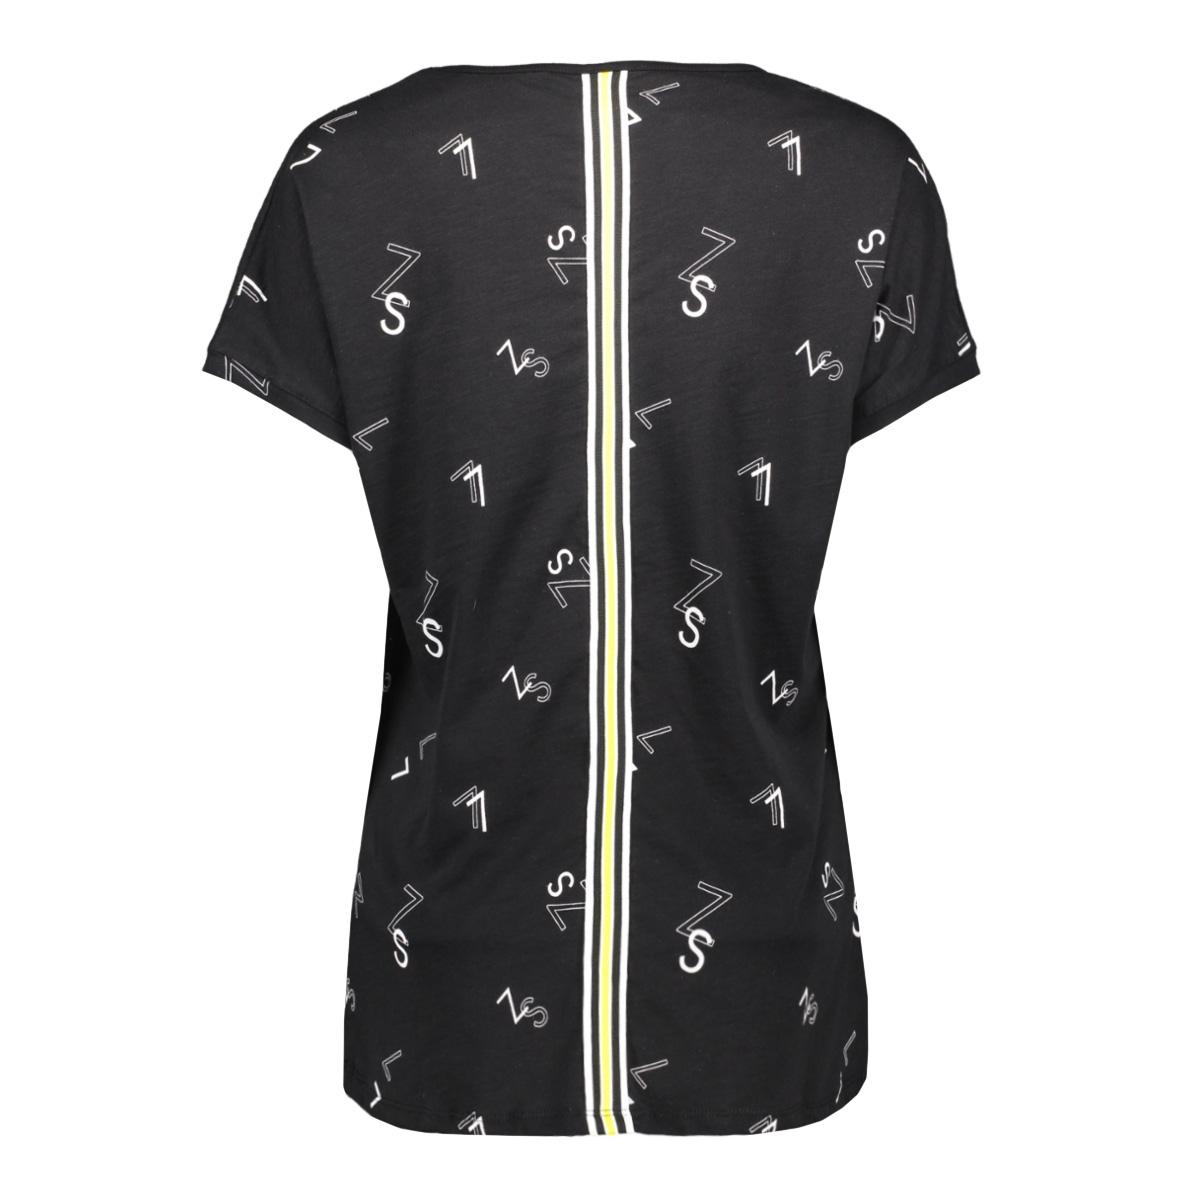 skai t-shirt with print 193 zoso t-shirt black/yellow